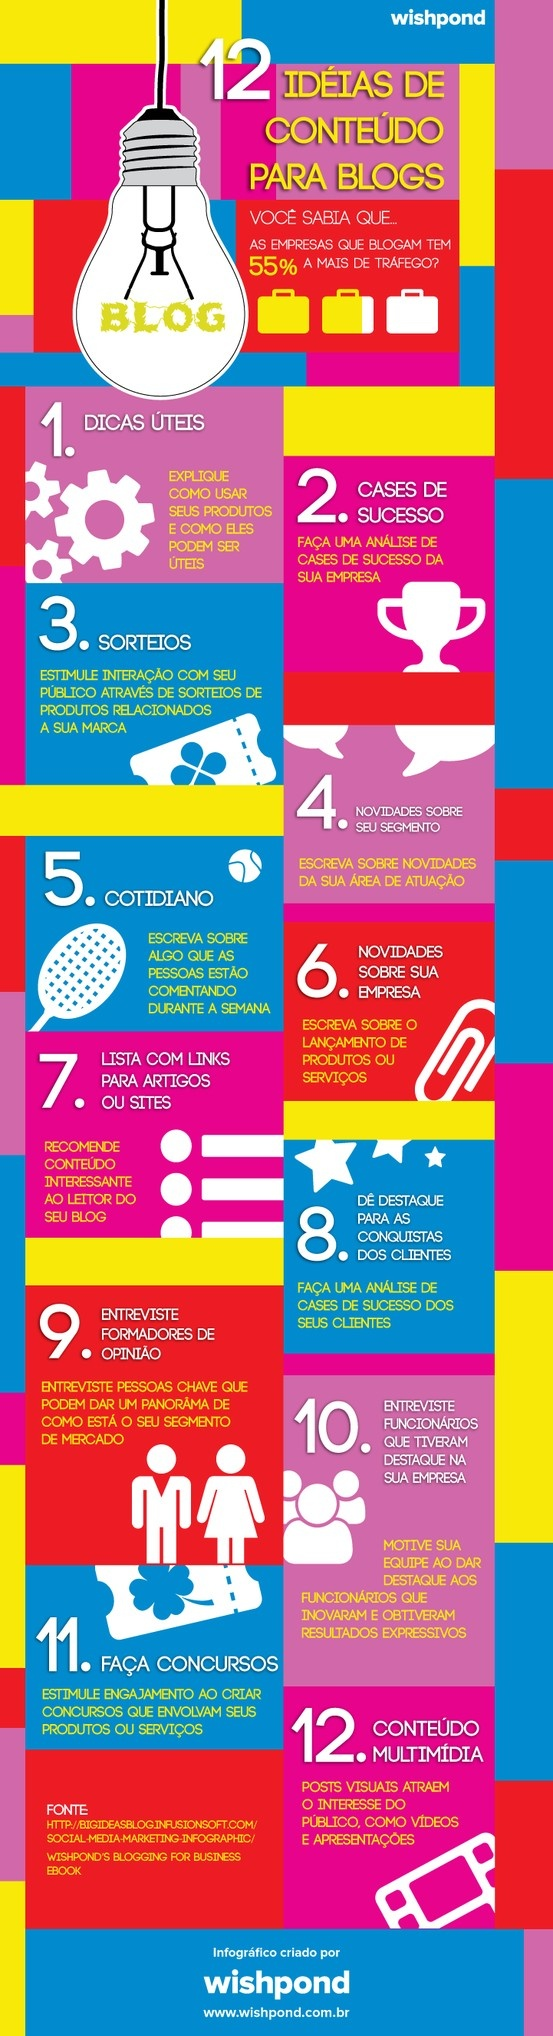 12 idéias de conteúdo para blogs.  Por Wishpond Brasil